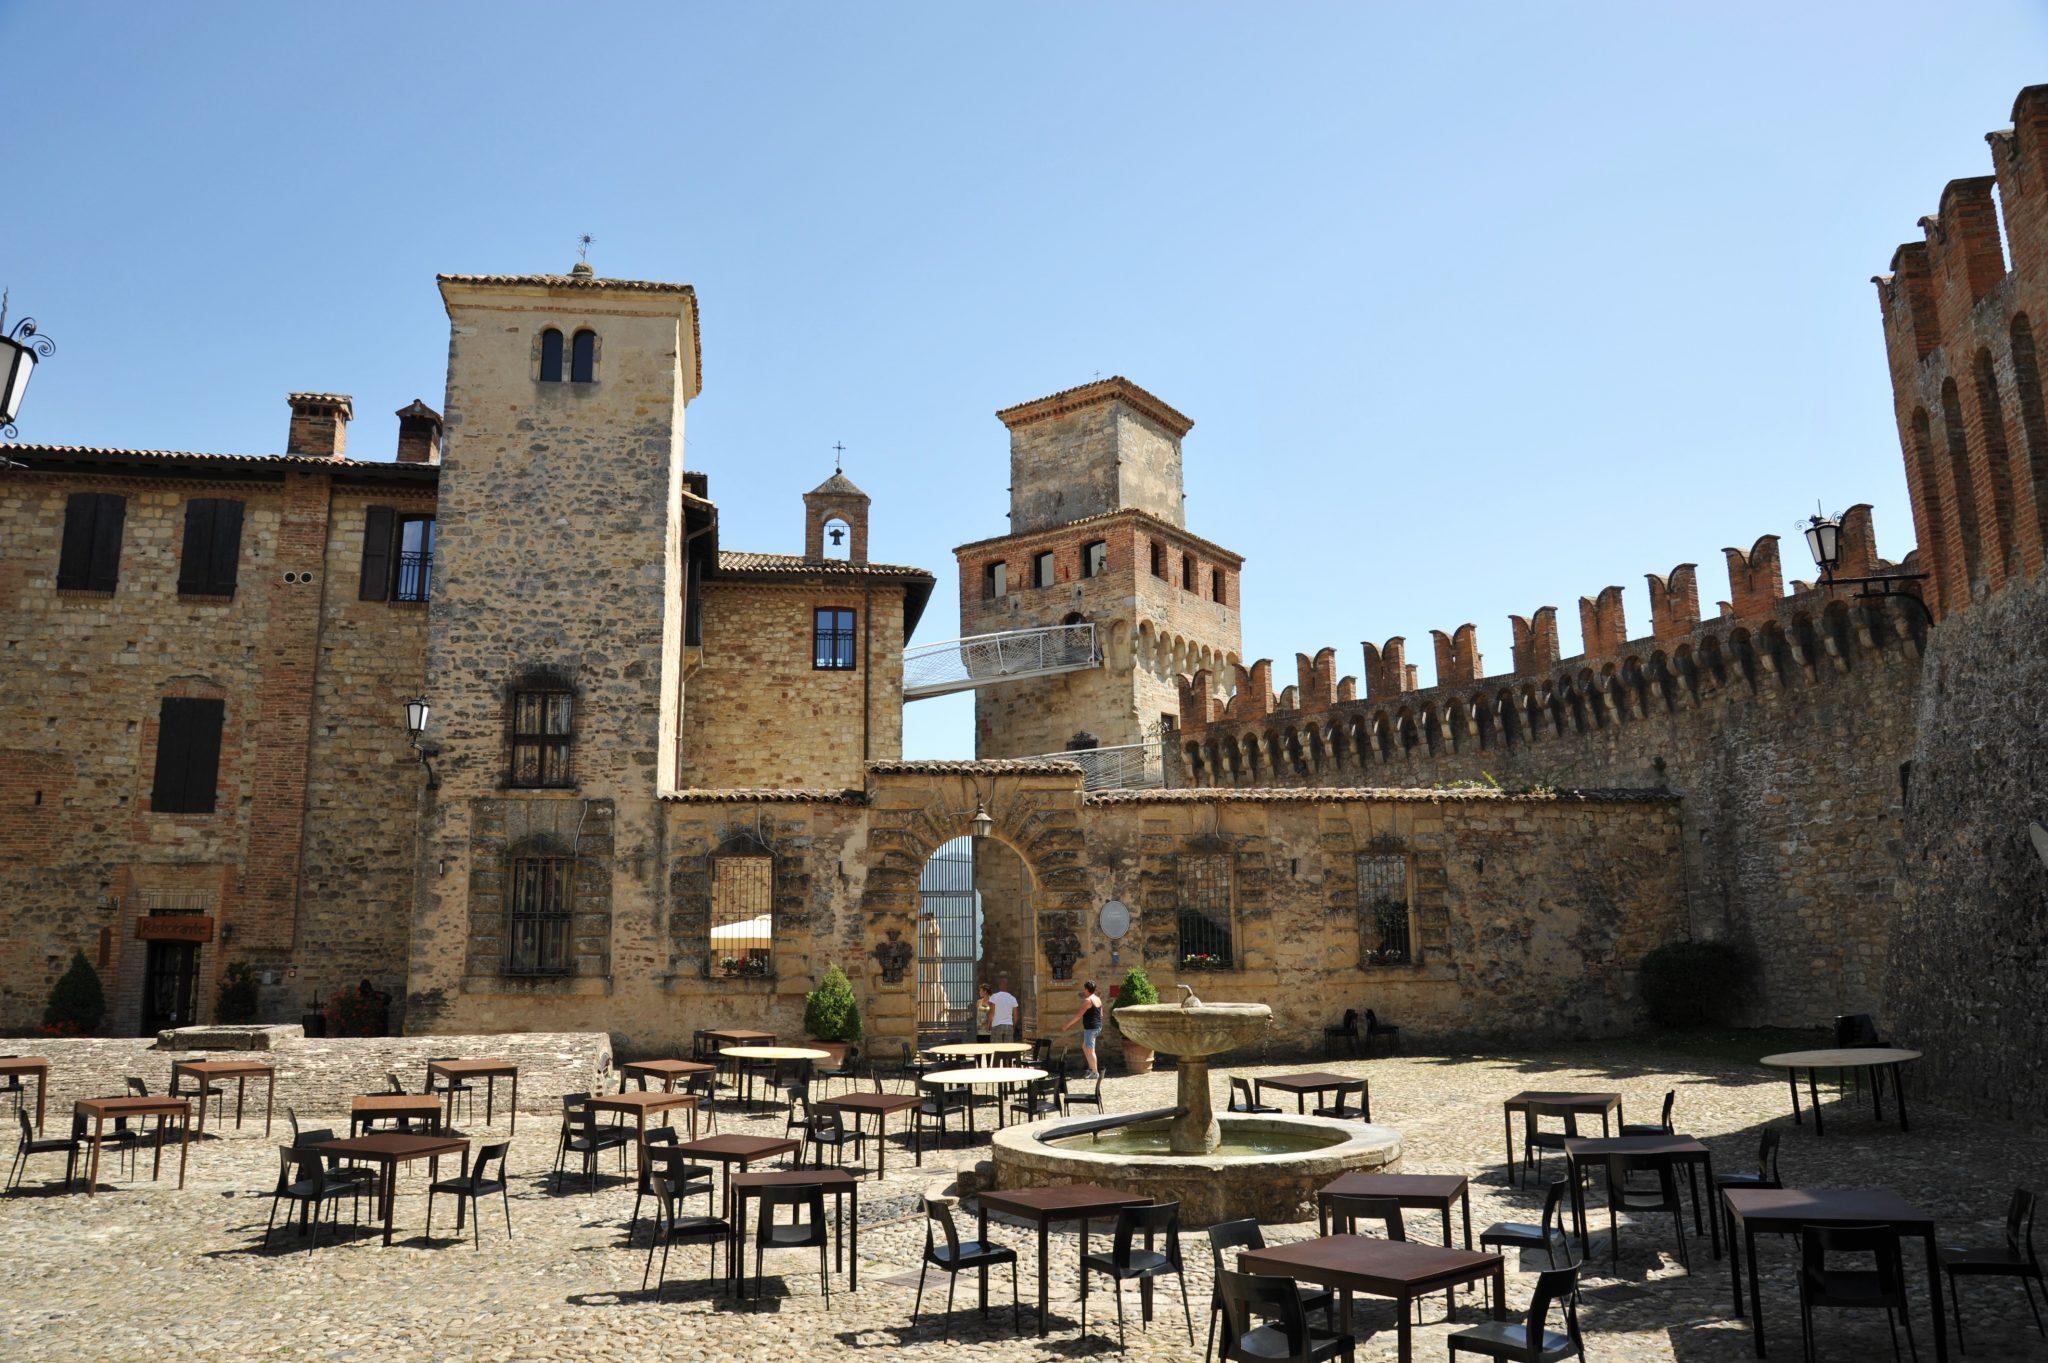 Borghi di Parma